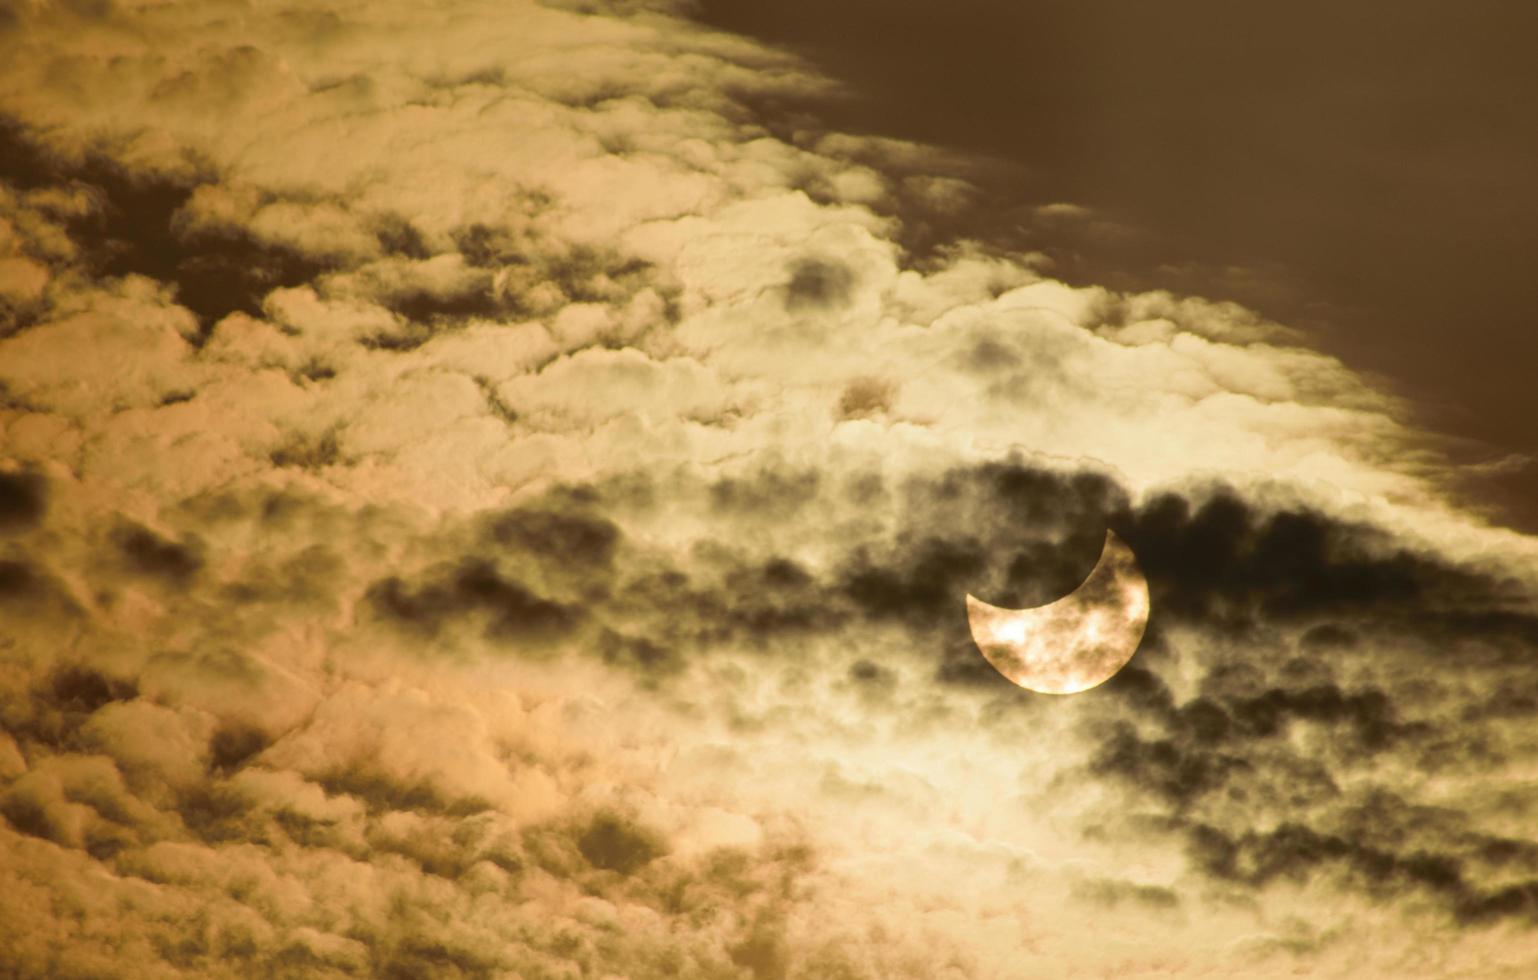 gedeeltelijke zonsverduistering foto